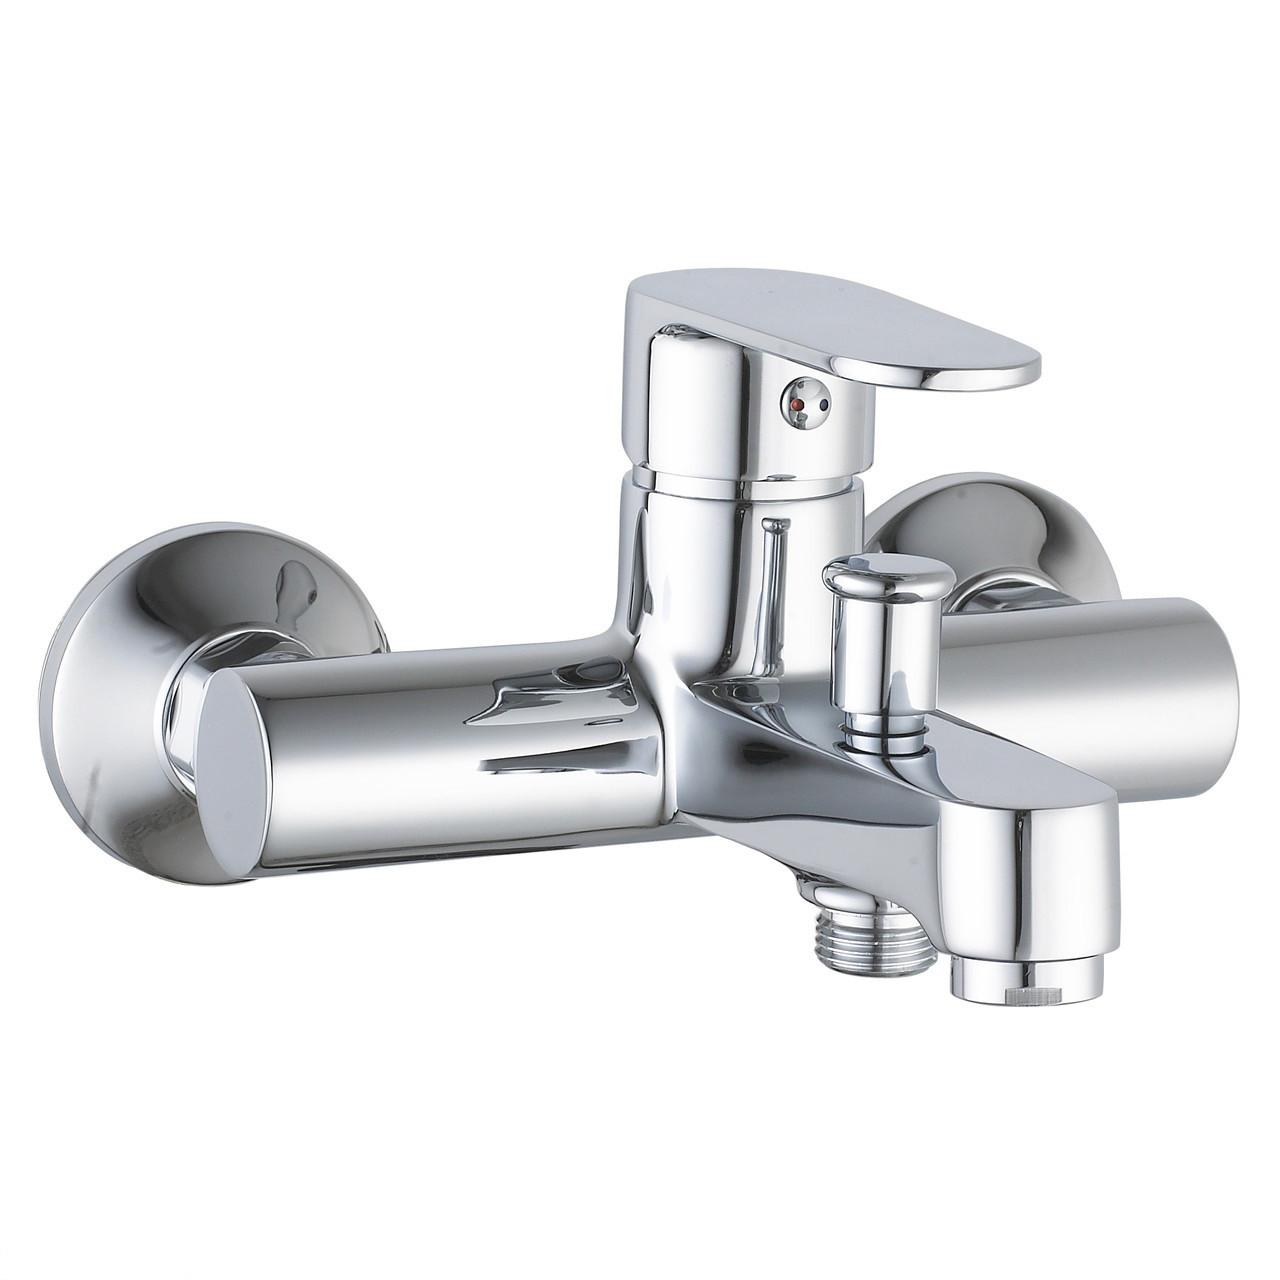 LESNA cмеситель для ванны, хром, 35 мм